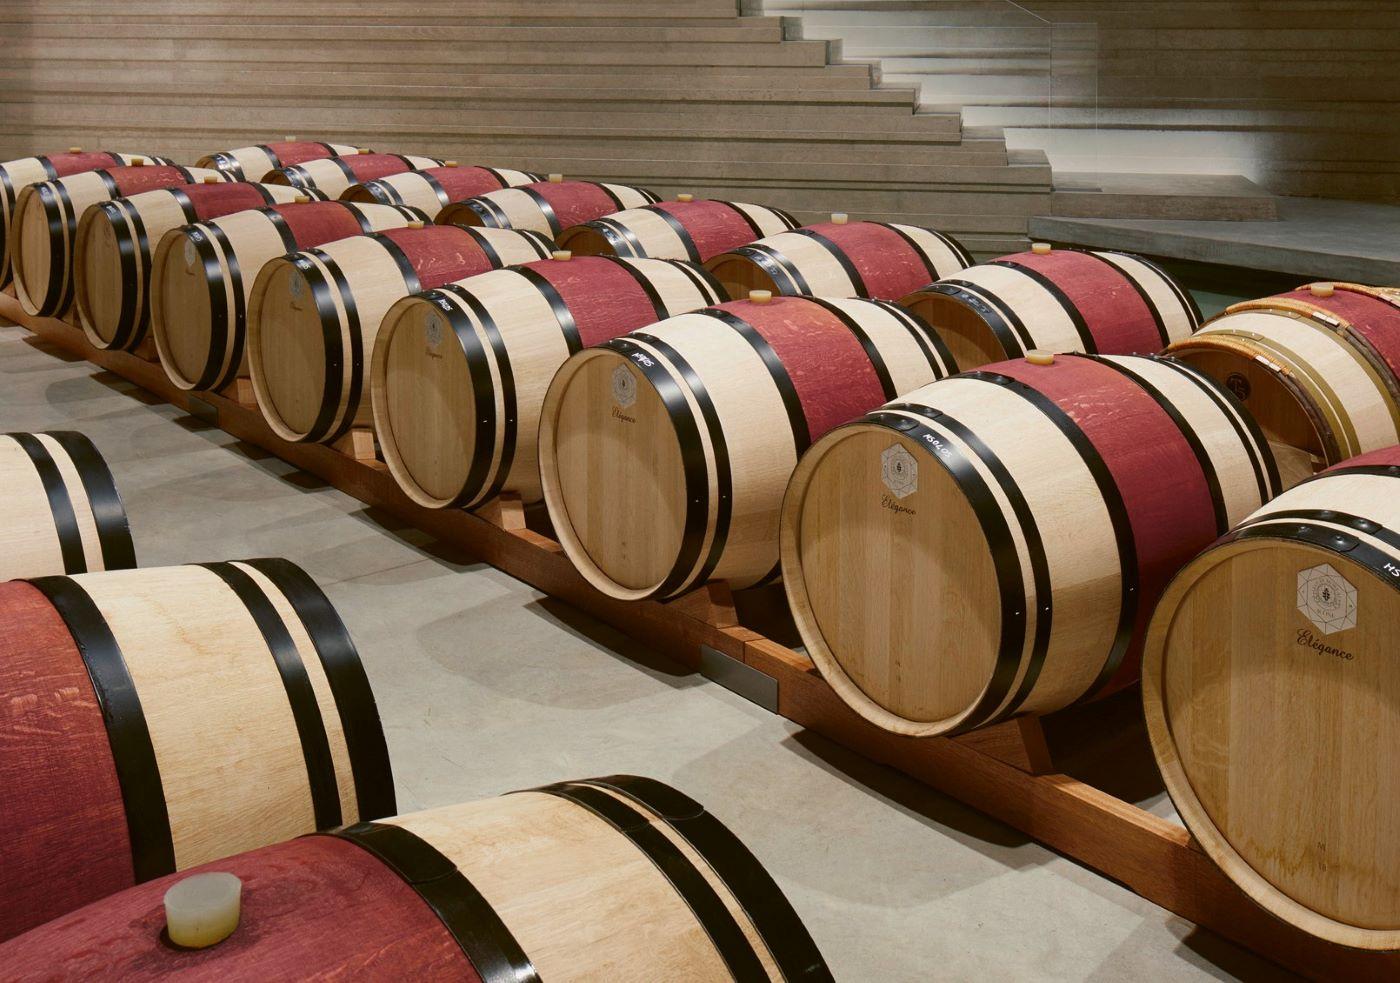 Alles zum Thema Wein: Nützliches Wissen